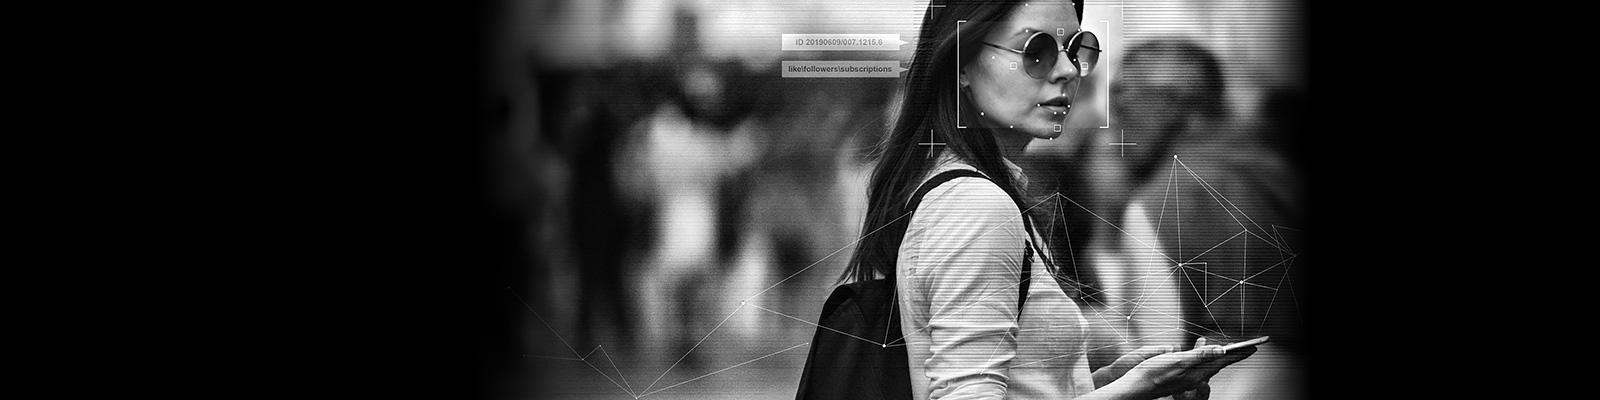 市民 監視 顔認識 イメージ